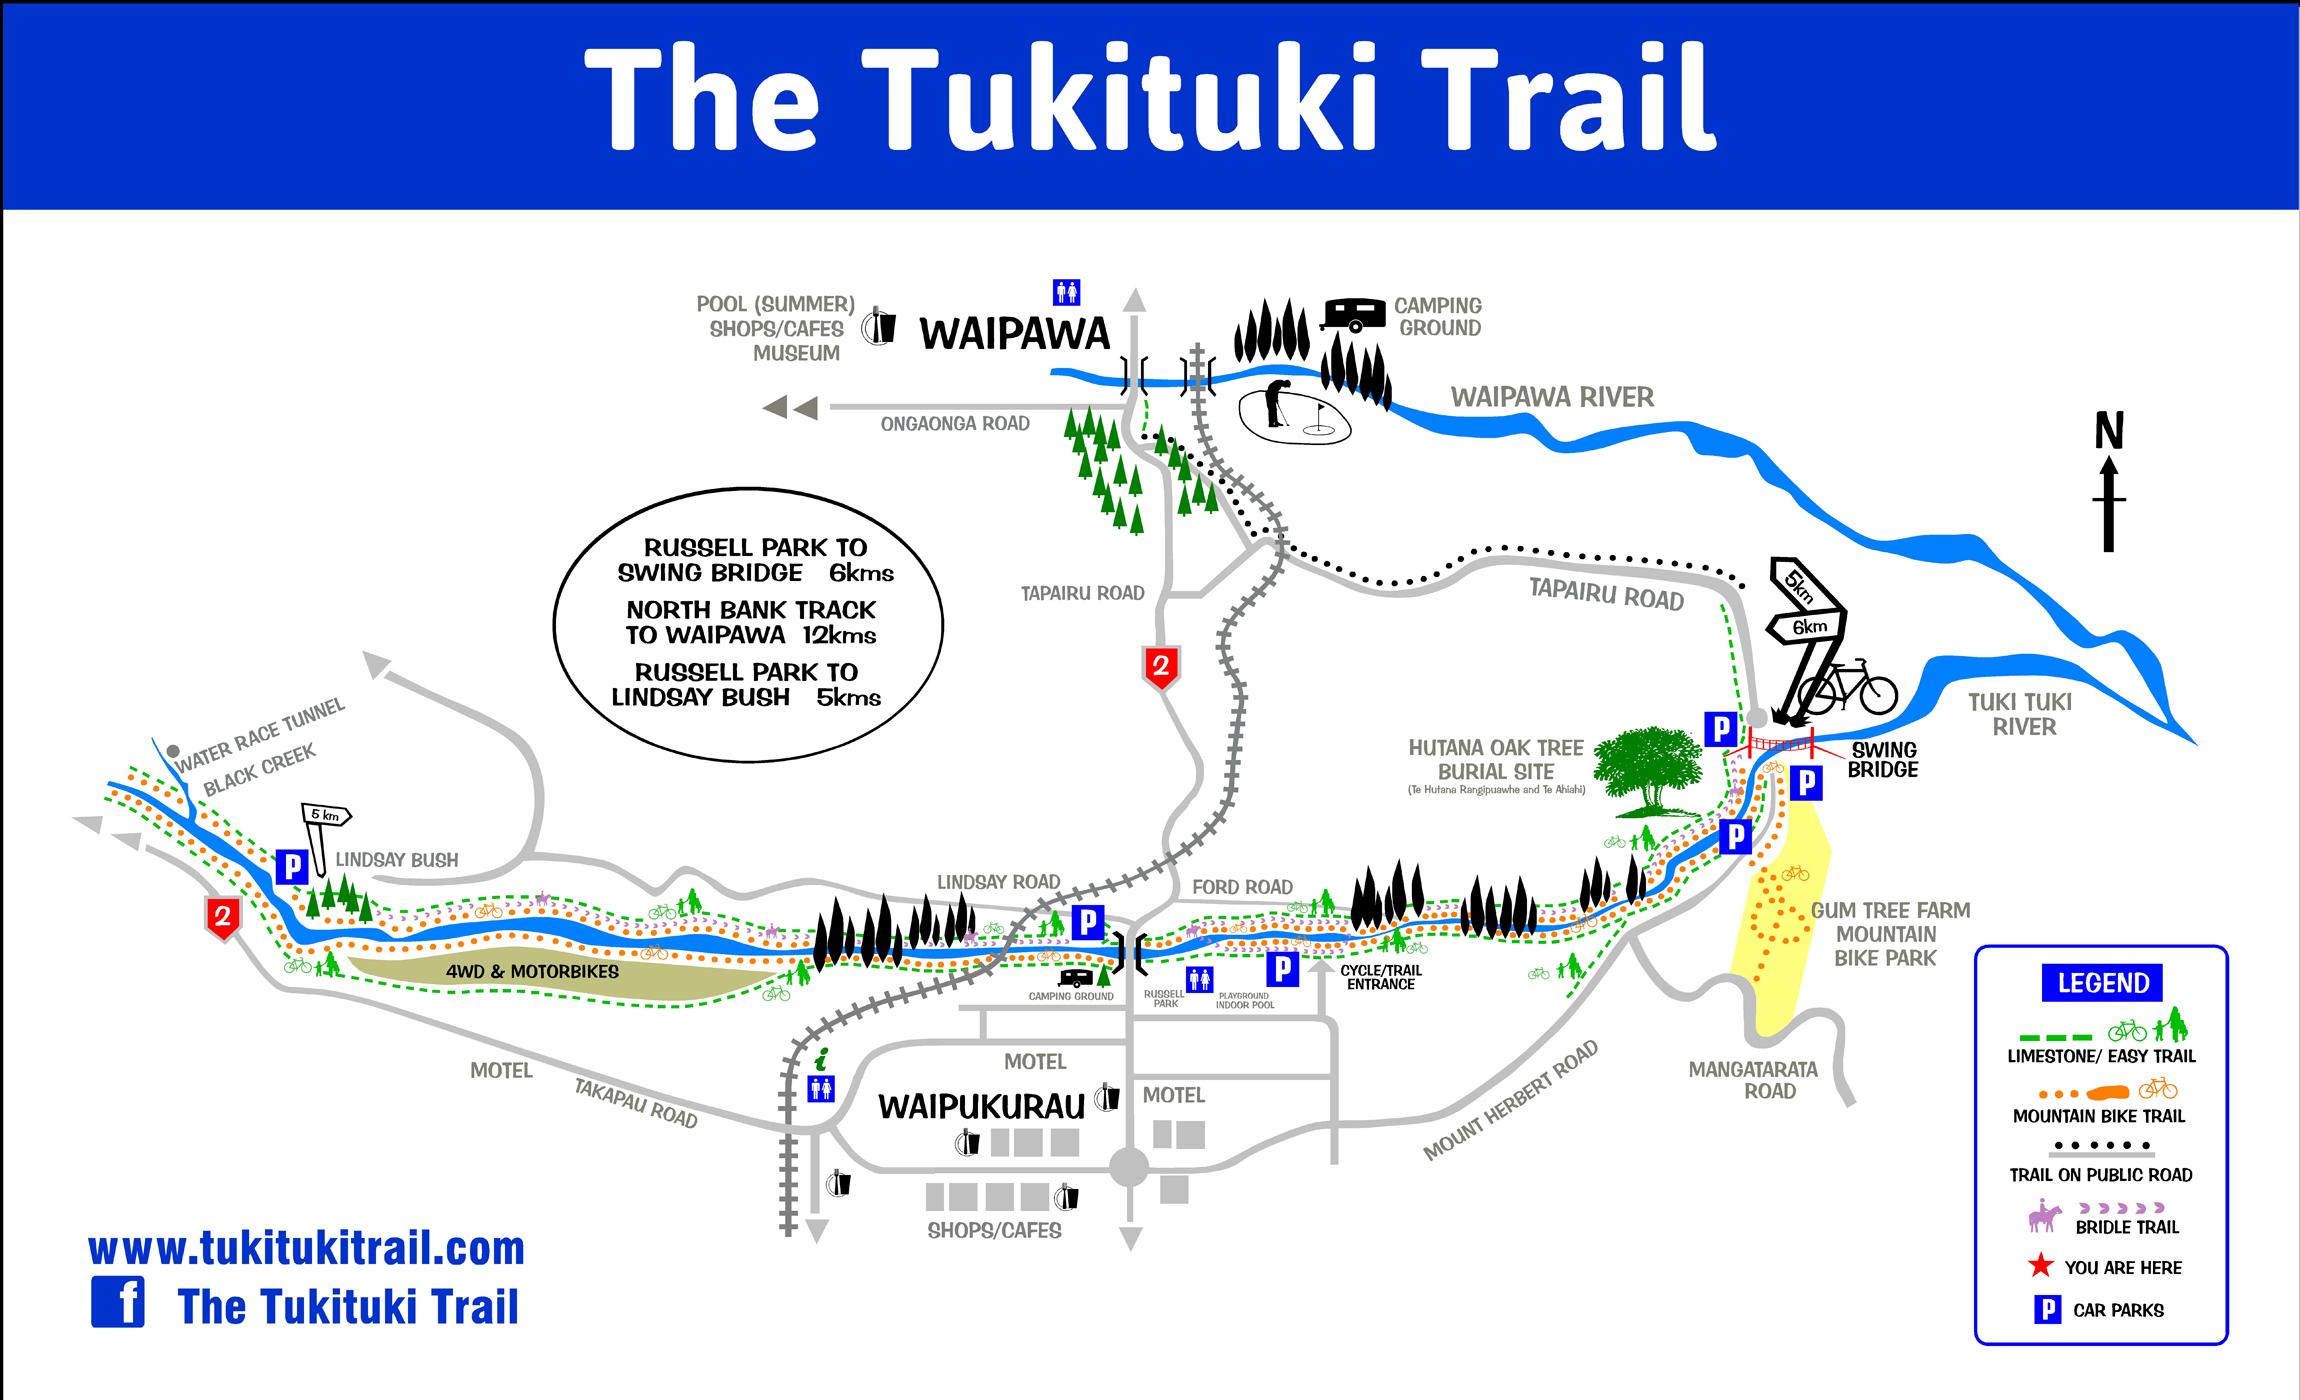 Tuki Tuki Trails map